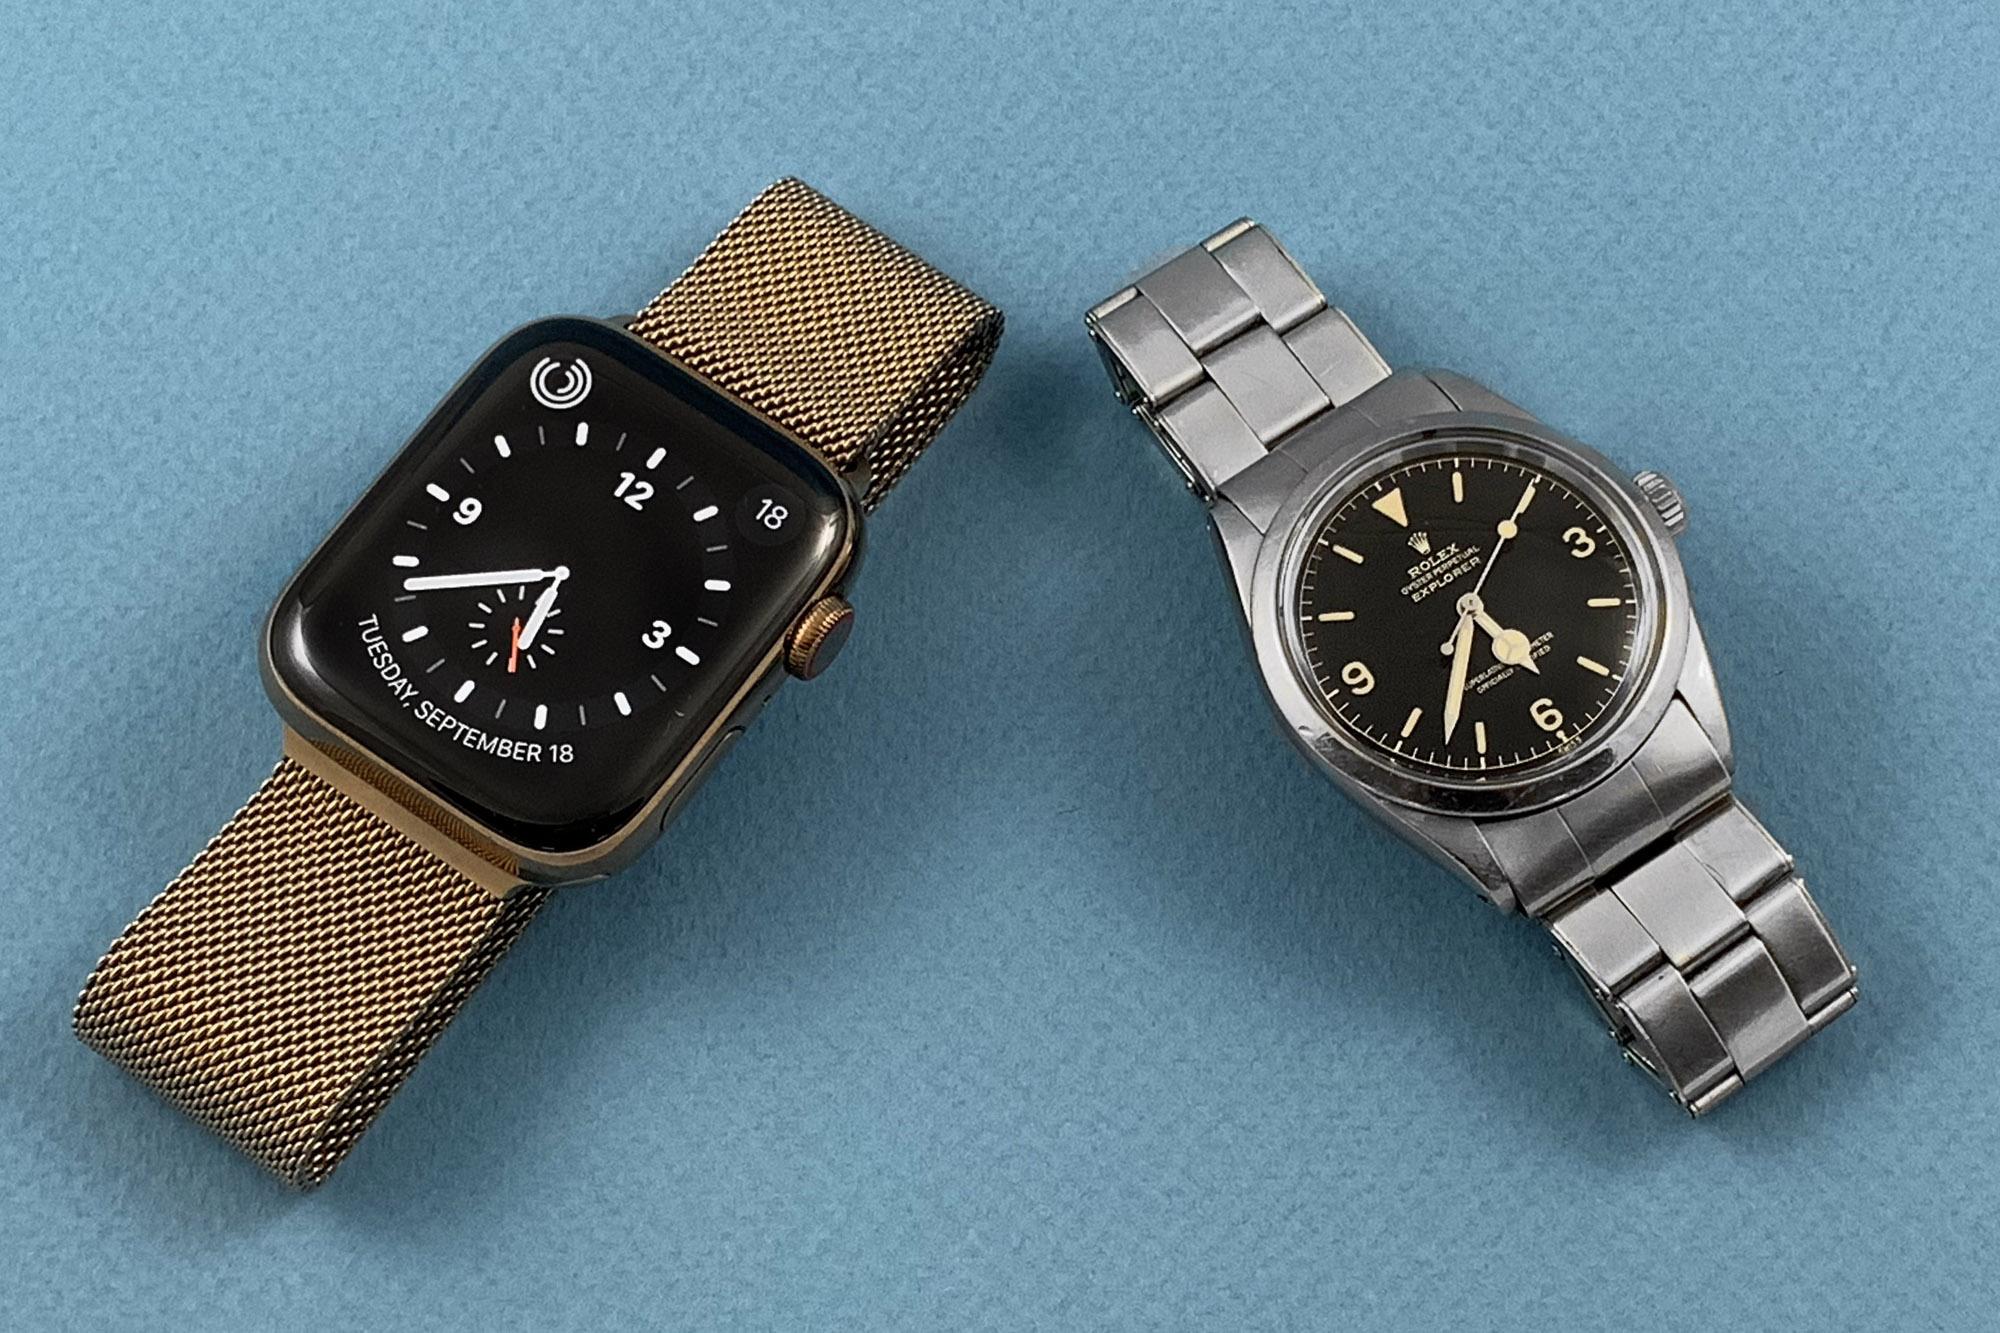 AppleWatchSeries4-versus-VintageWatch